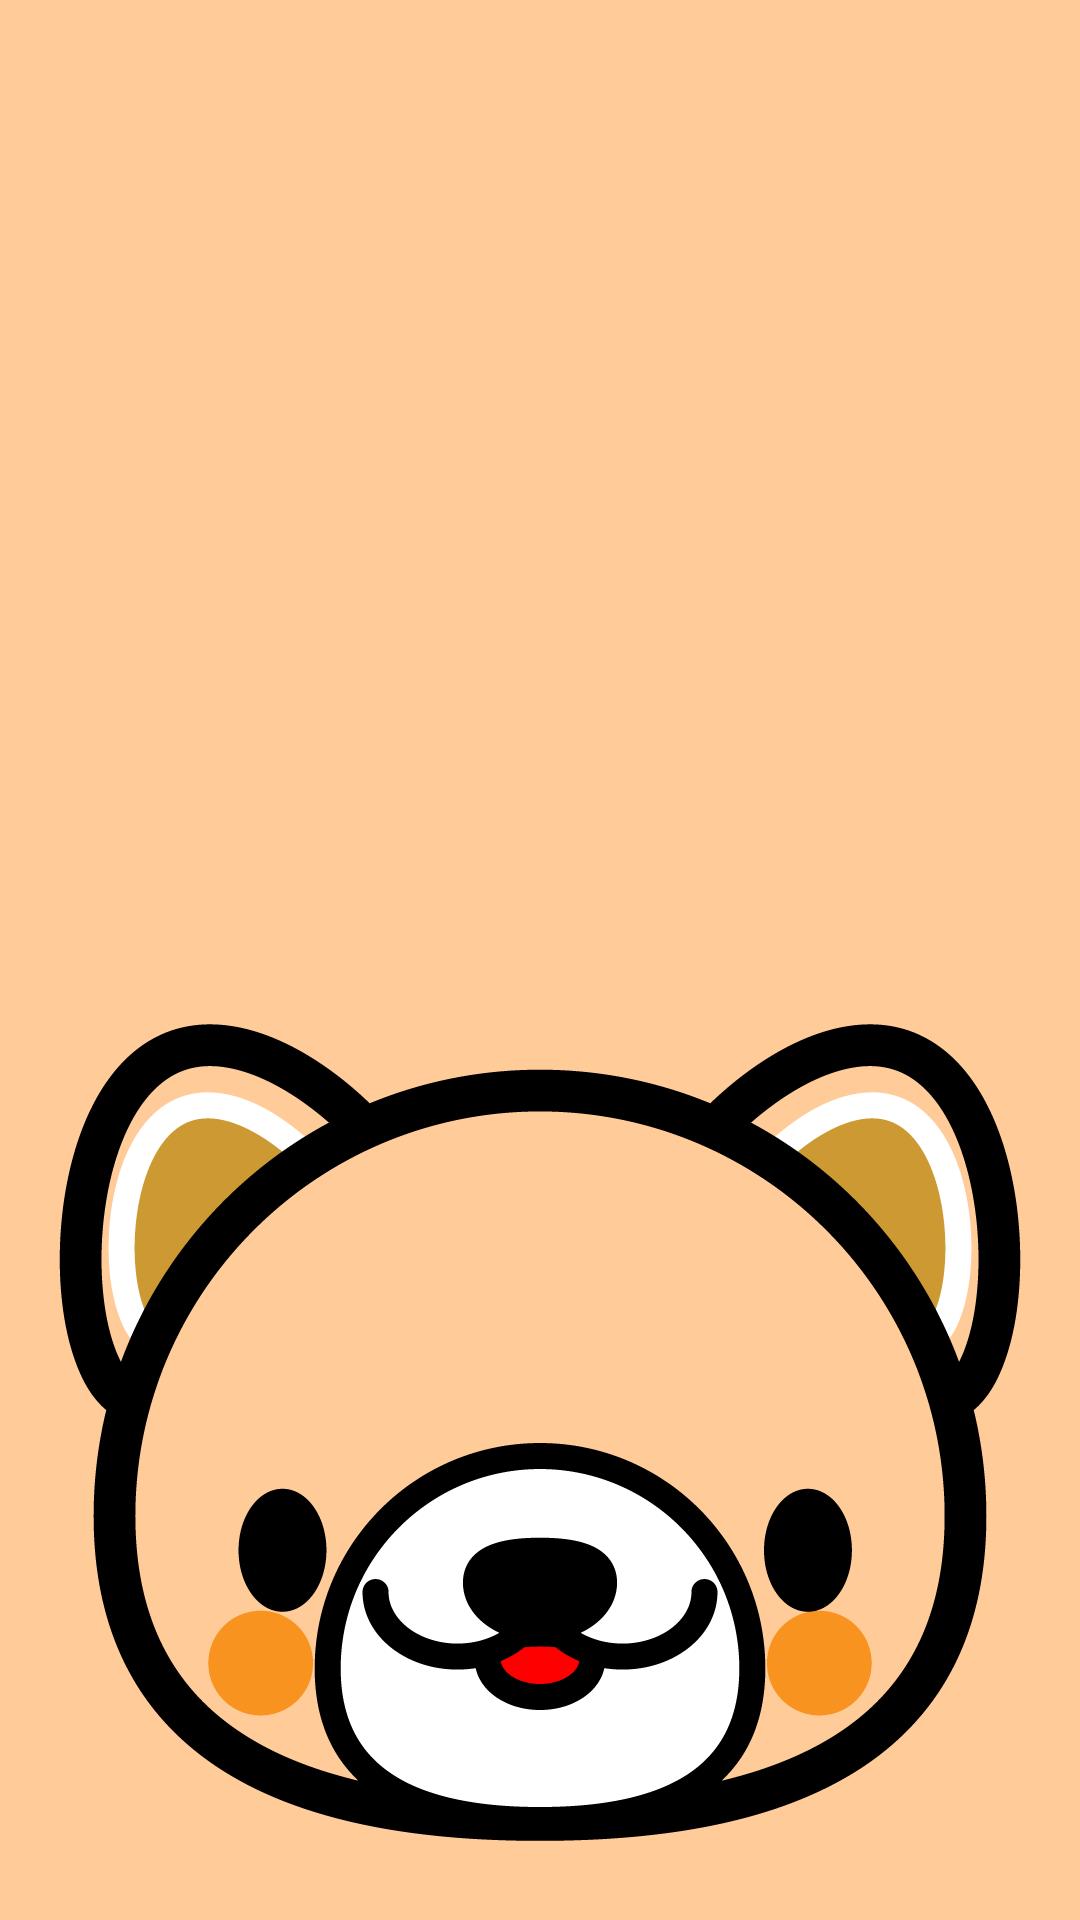 かわいい顔だけ犬壁紙 Iphone の無料イラスト 商用フリー オイデ43